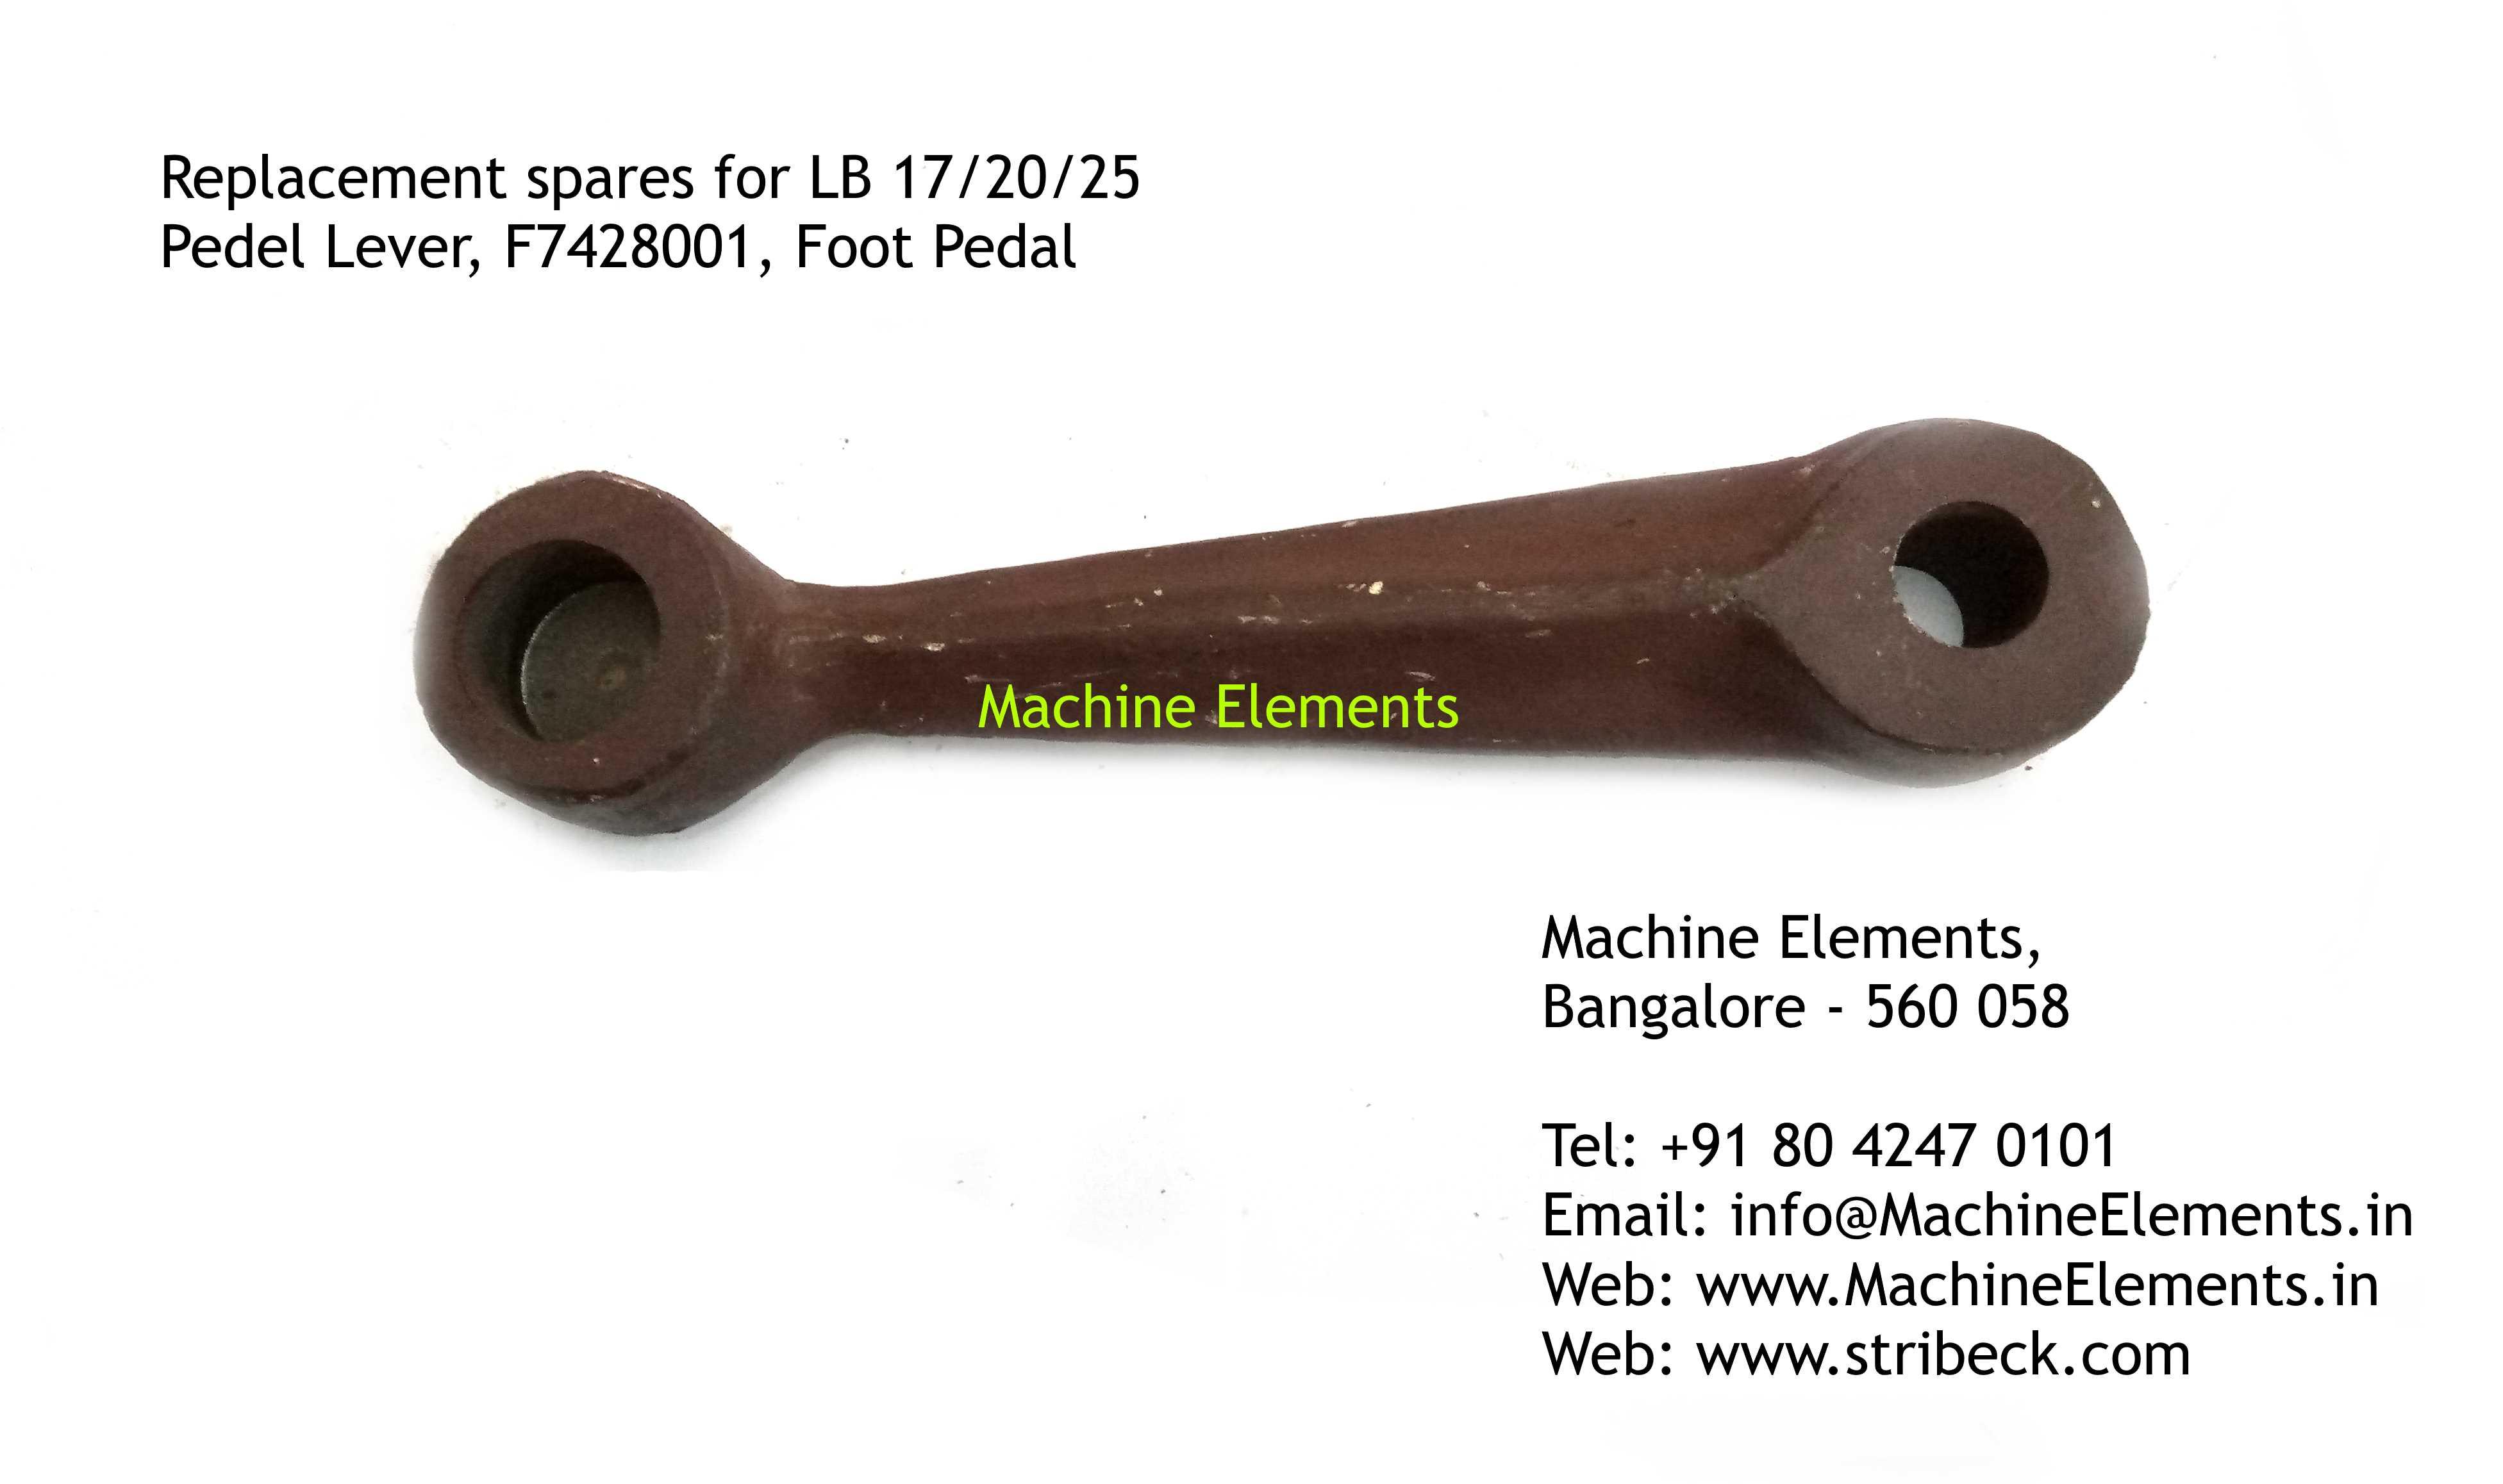 Pedel Lever F7428001, Foot Pedal